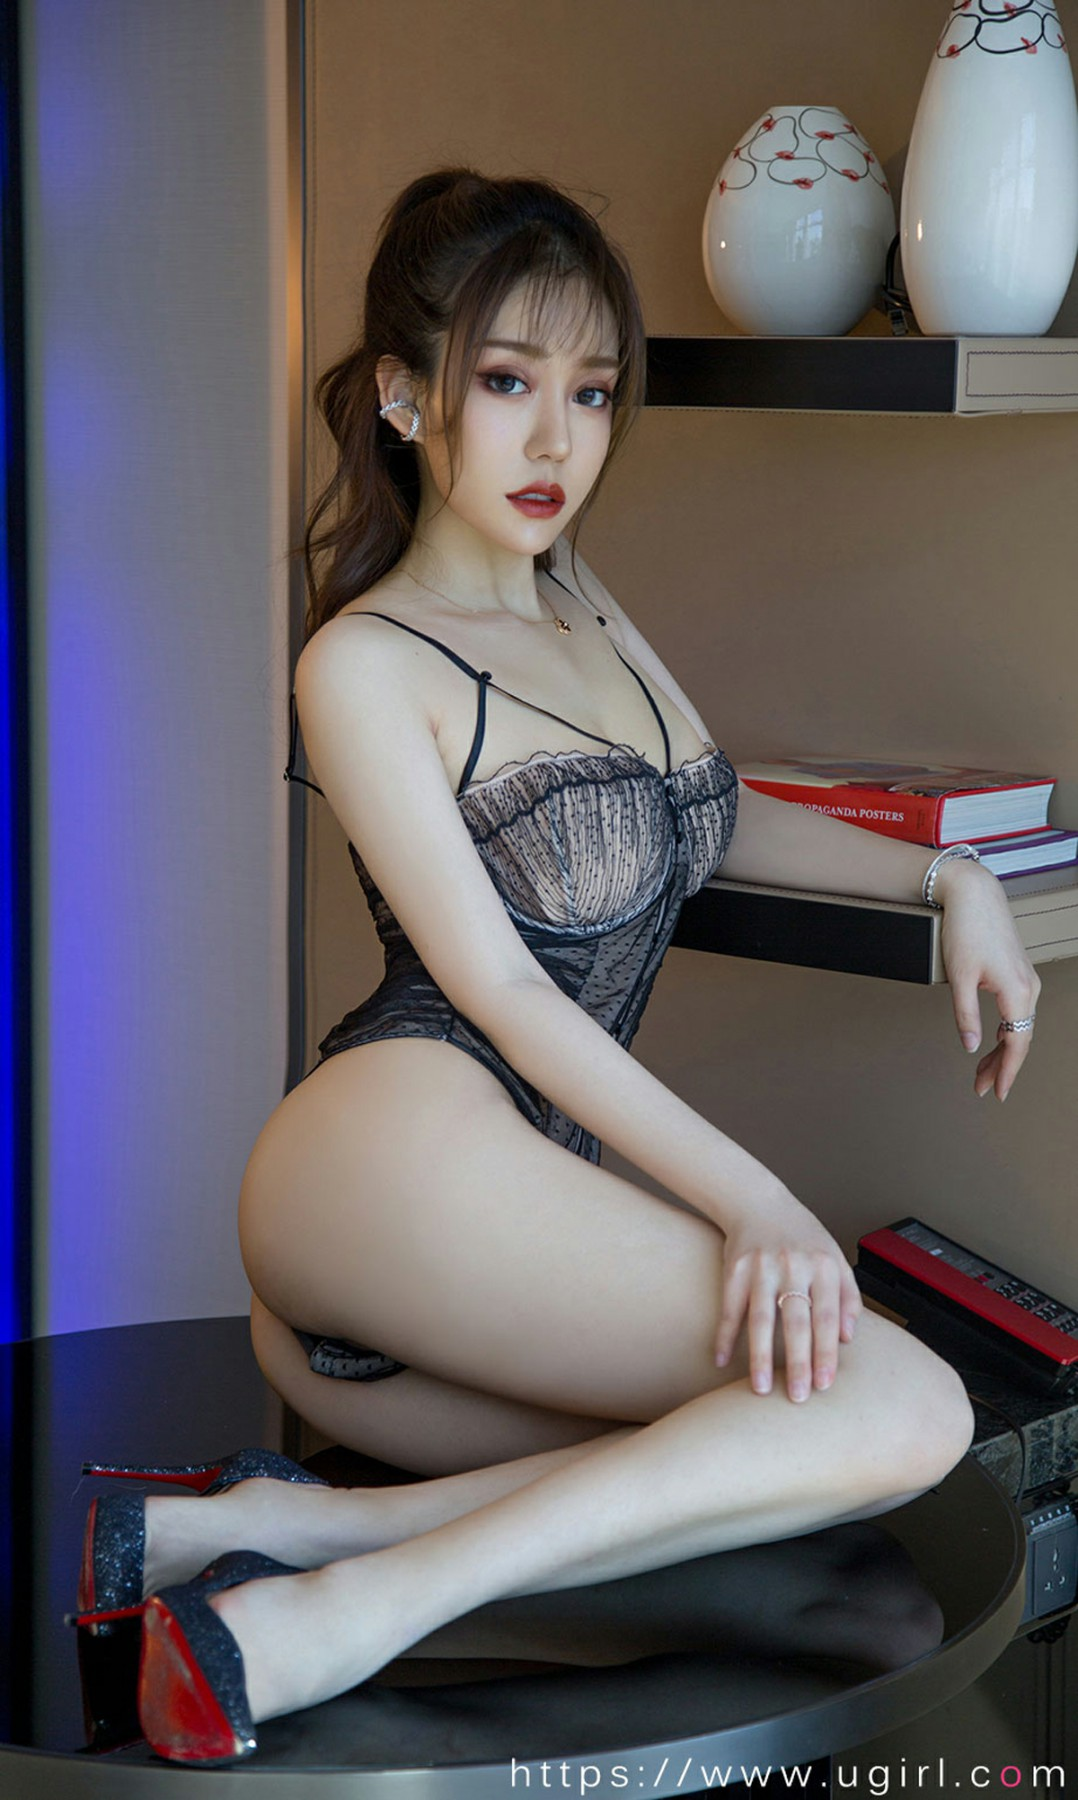 [Ugirls尤果网]爱尤物 2020.06.06 No.1838 陈亦菲 夜精灵的吻 第2张